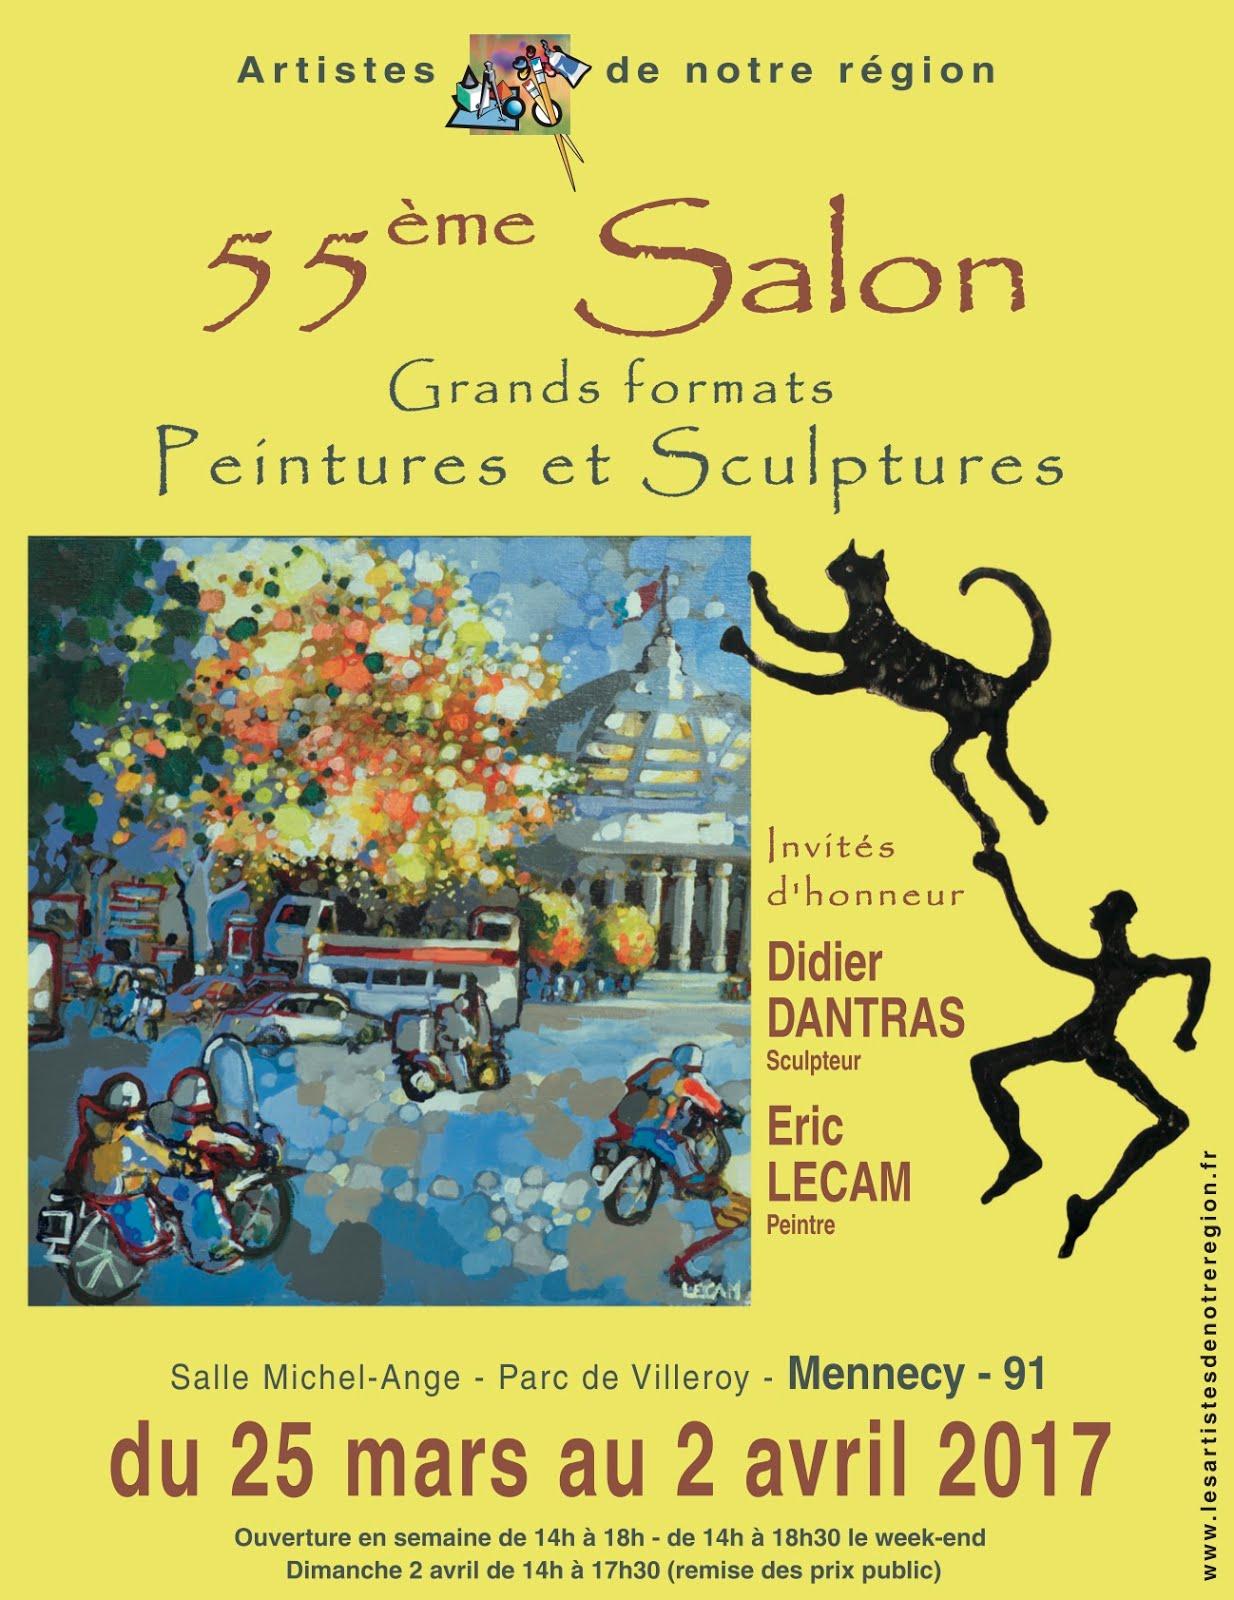 MENNECY (ESSONNE) : CAPTON EXPOSE AU 55ème SALON PEINTURE ET SCULPTURE GRANDS FORMATS